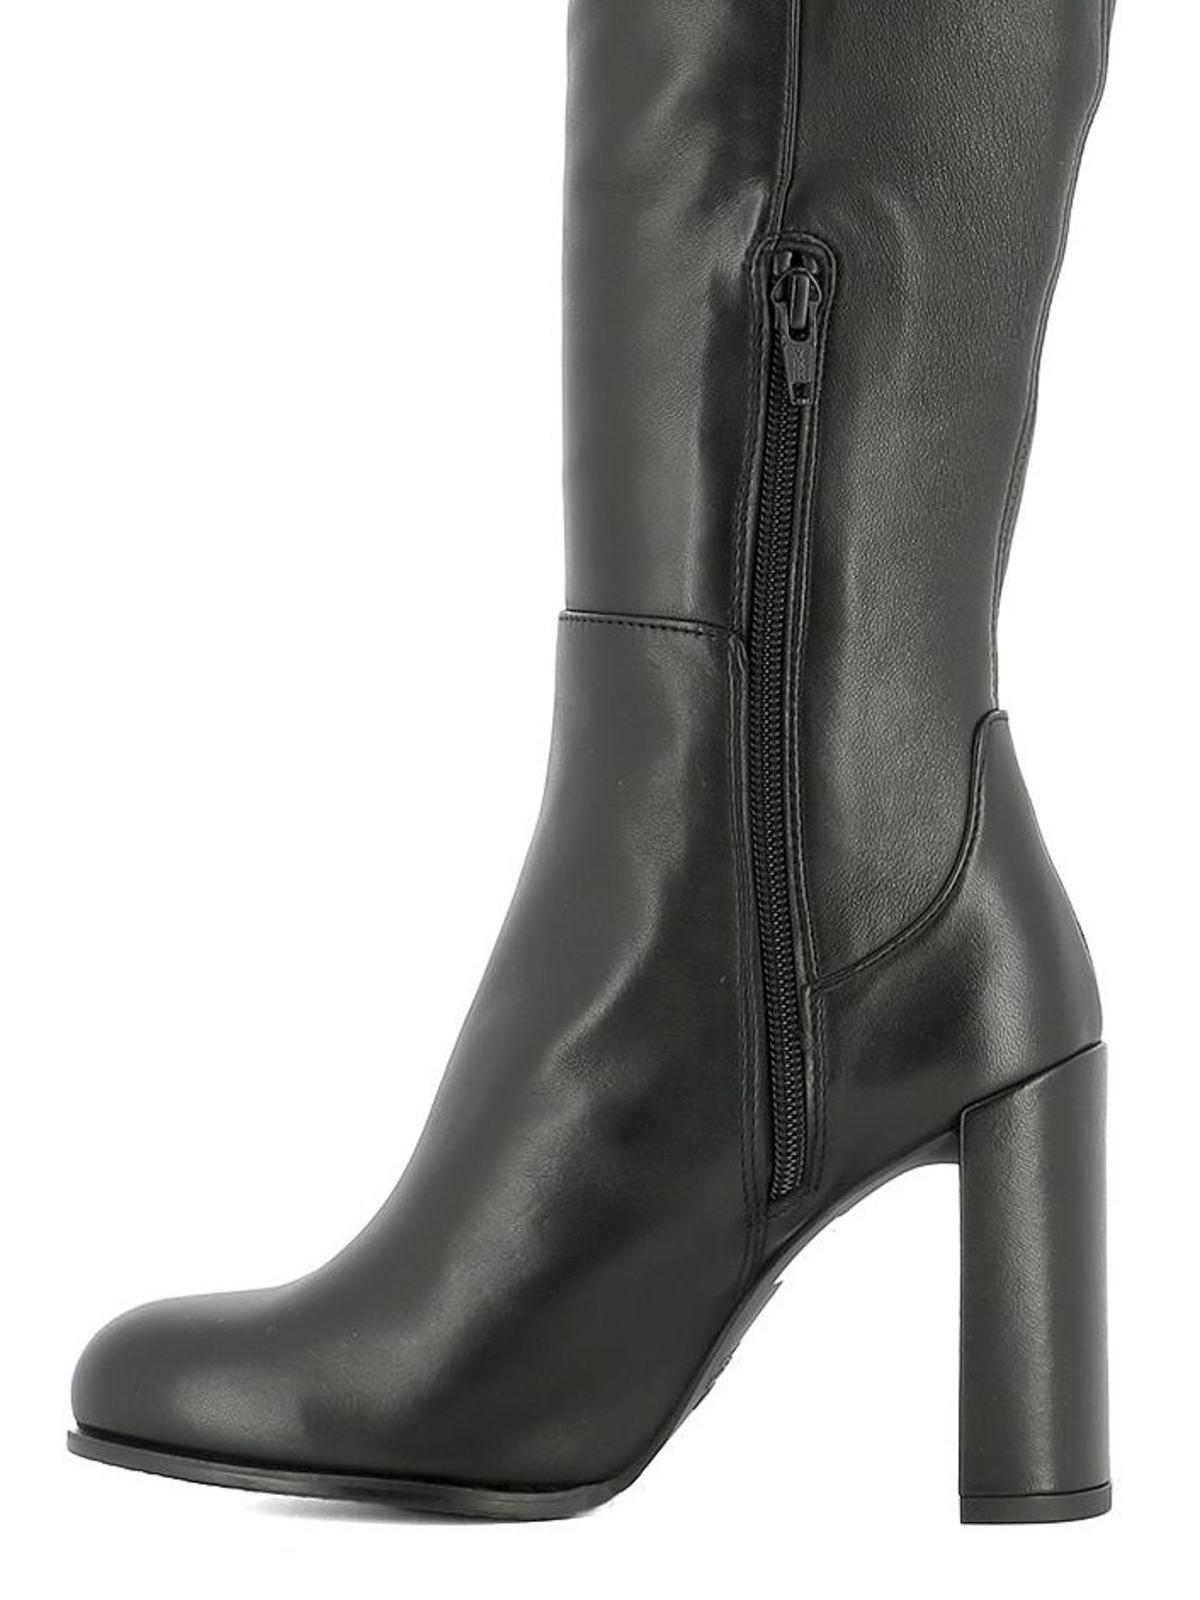 17ace21da52 iKRIX Stuart Weitzman  boots - Alljill stretch leather boots